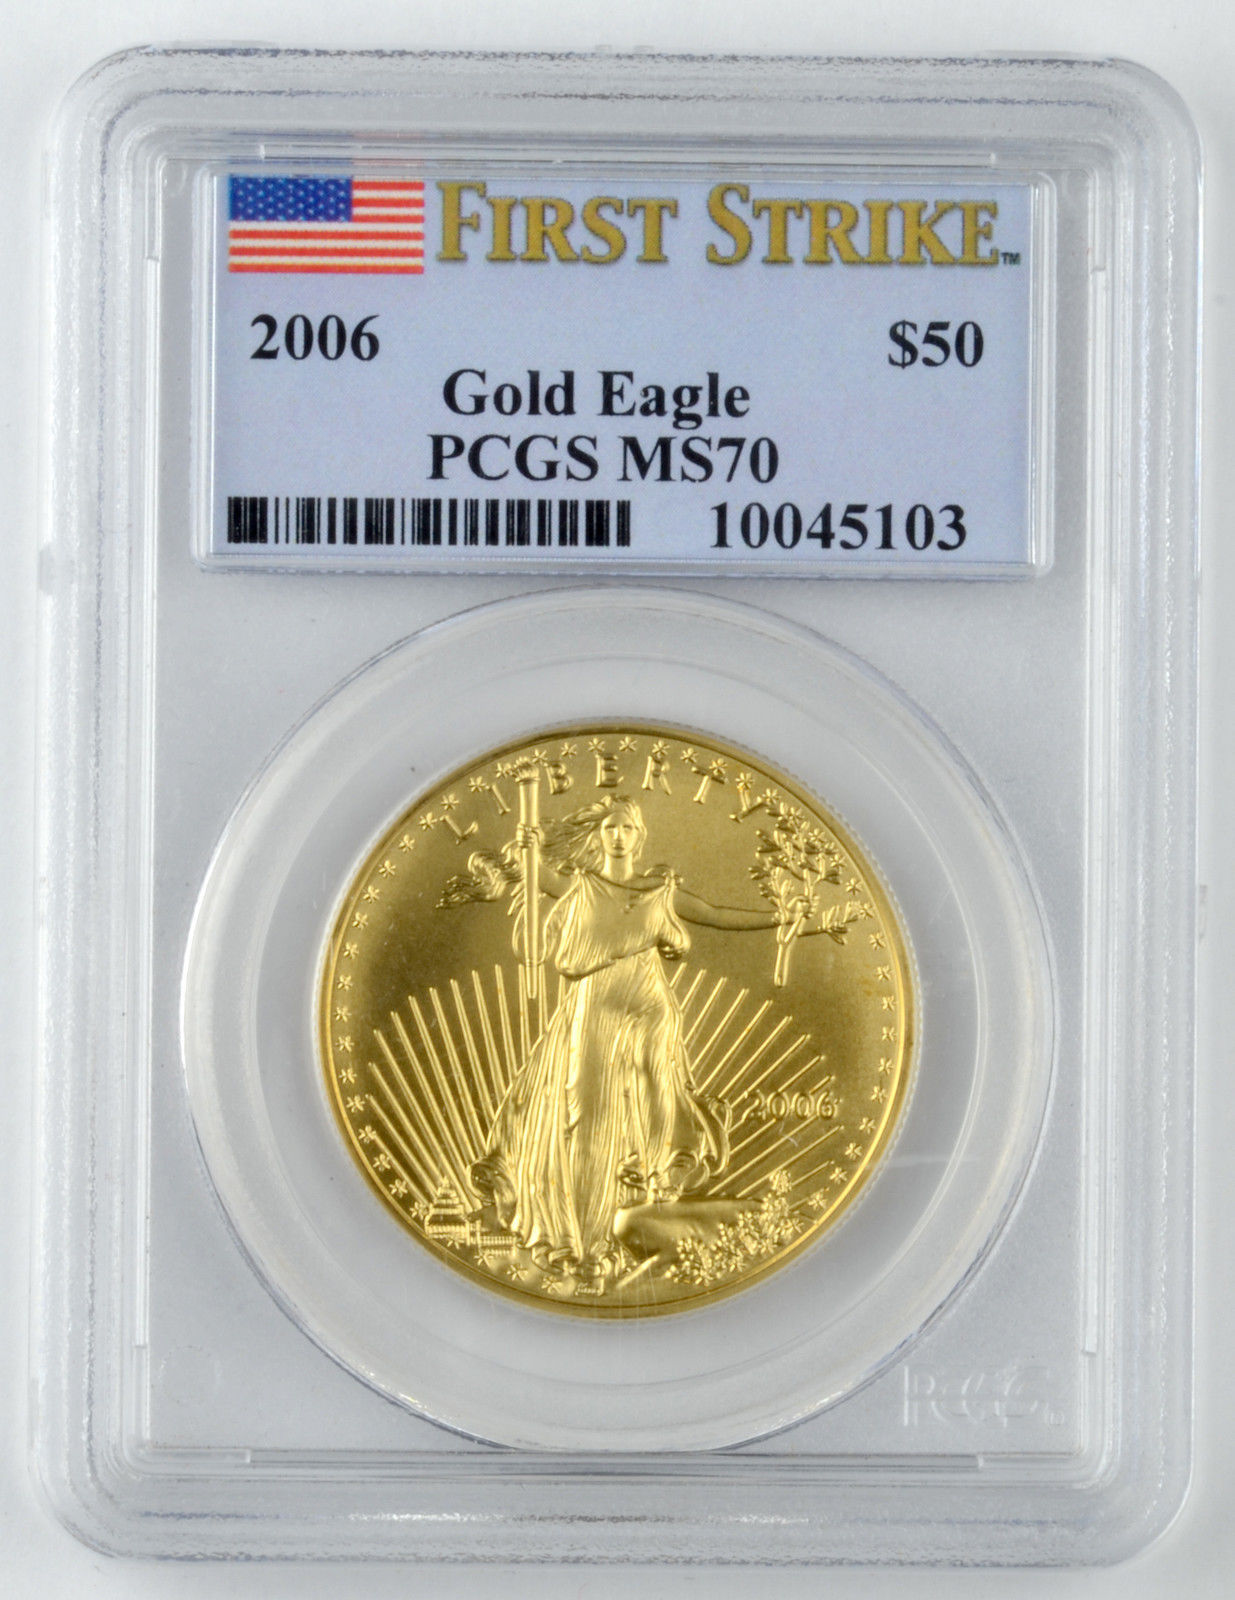 50ドル金貨 ゴールドイーグル 2006 GOLD EAGLE  $50 PCGS MS 70  First Strike 完全未使用